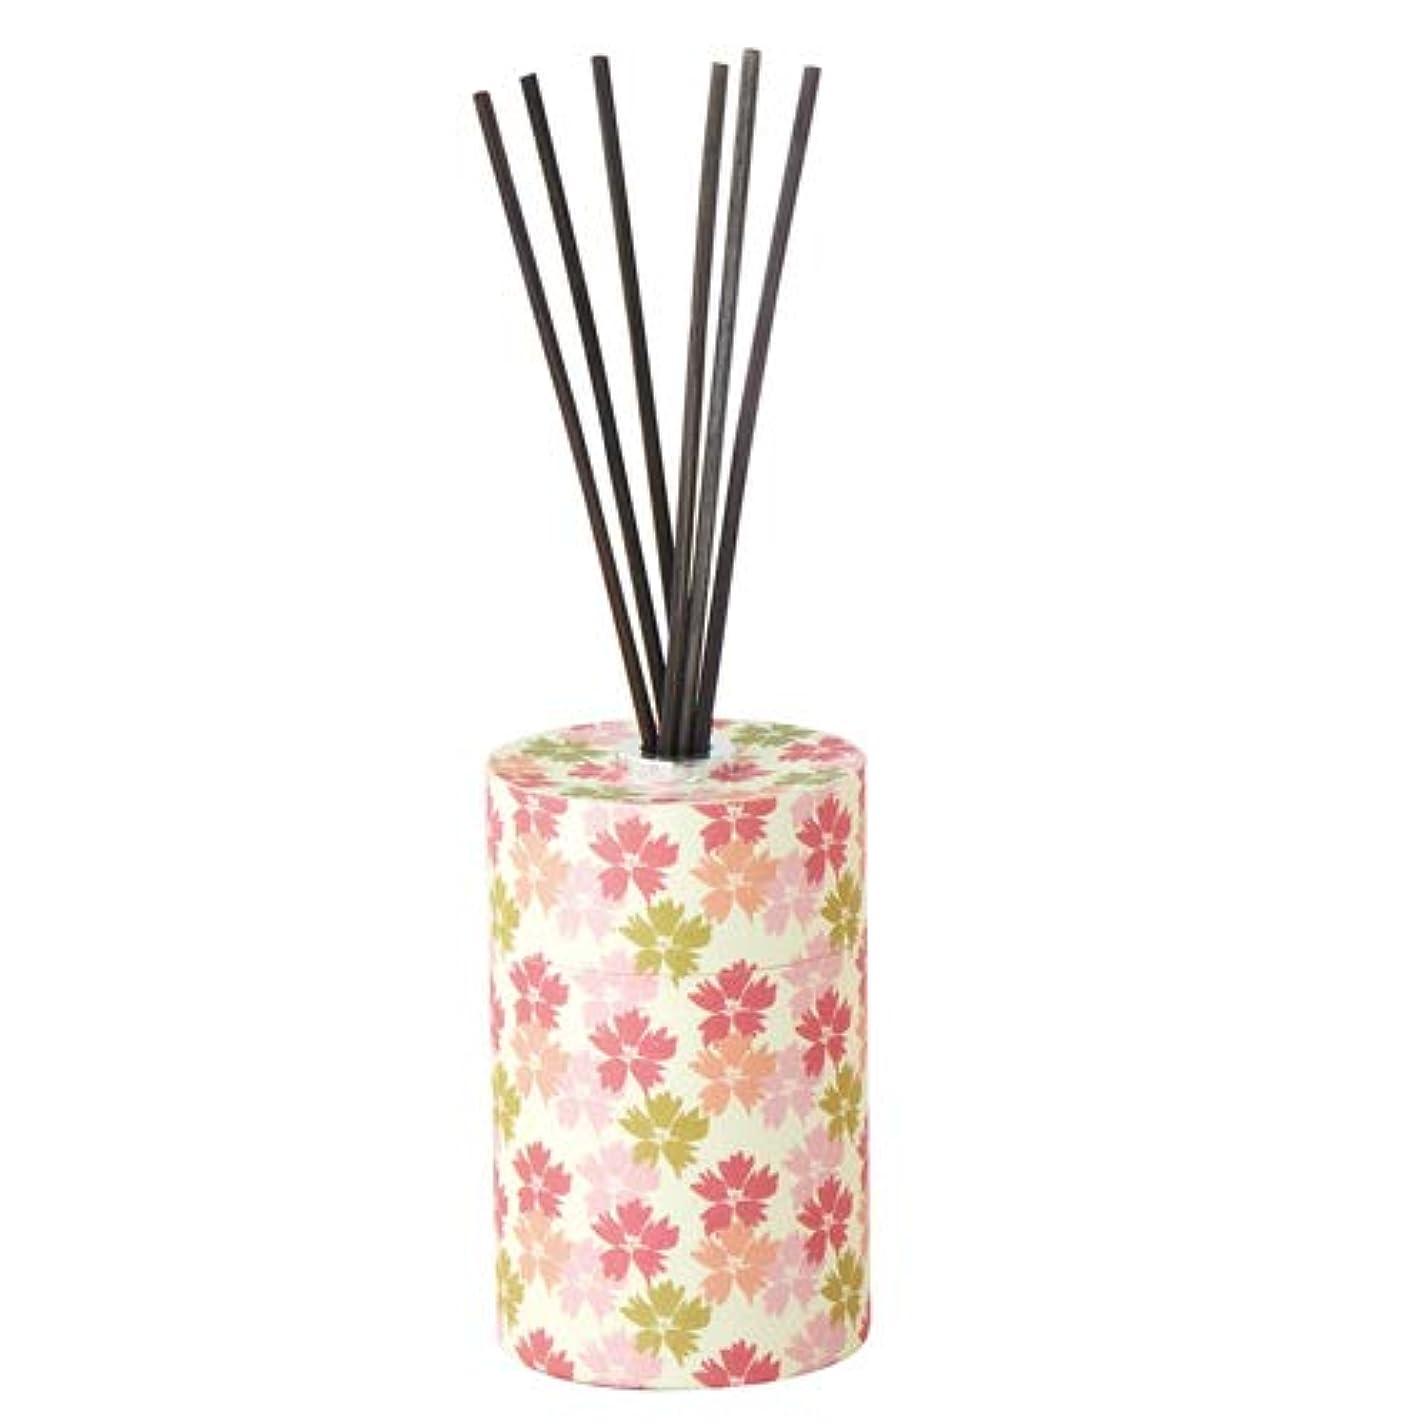 義務づける落胆した発表する和遊ディフューザー 桜の香り 1個